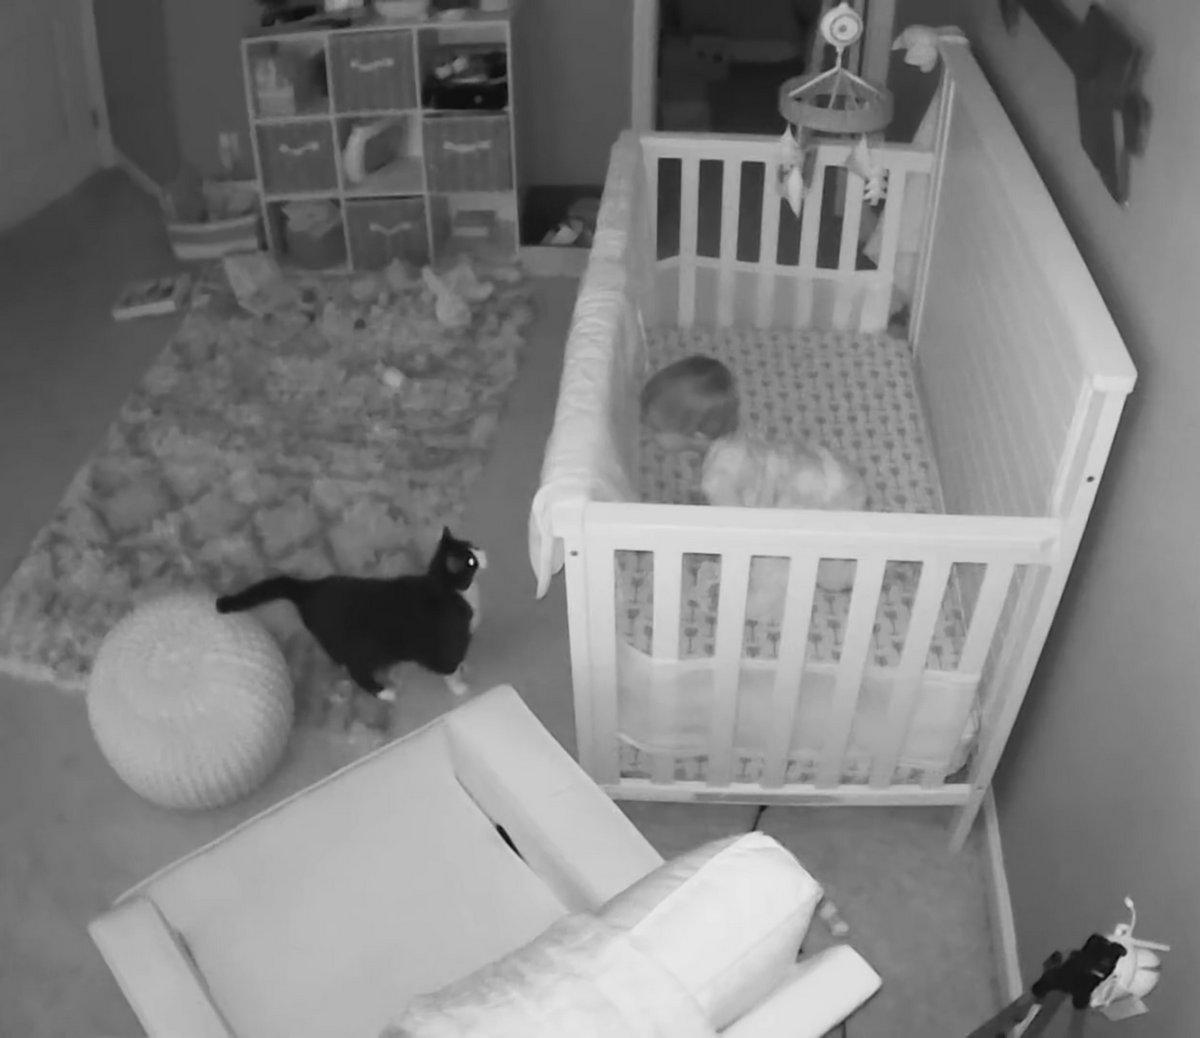 Cette chatte et ce bébé ont été surpris en pleine conversation grâce à une caméra de sécurité